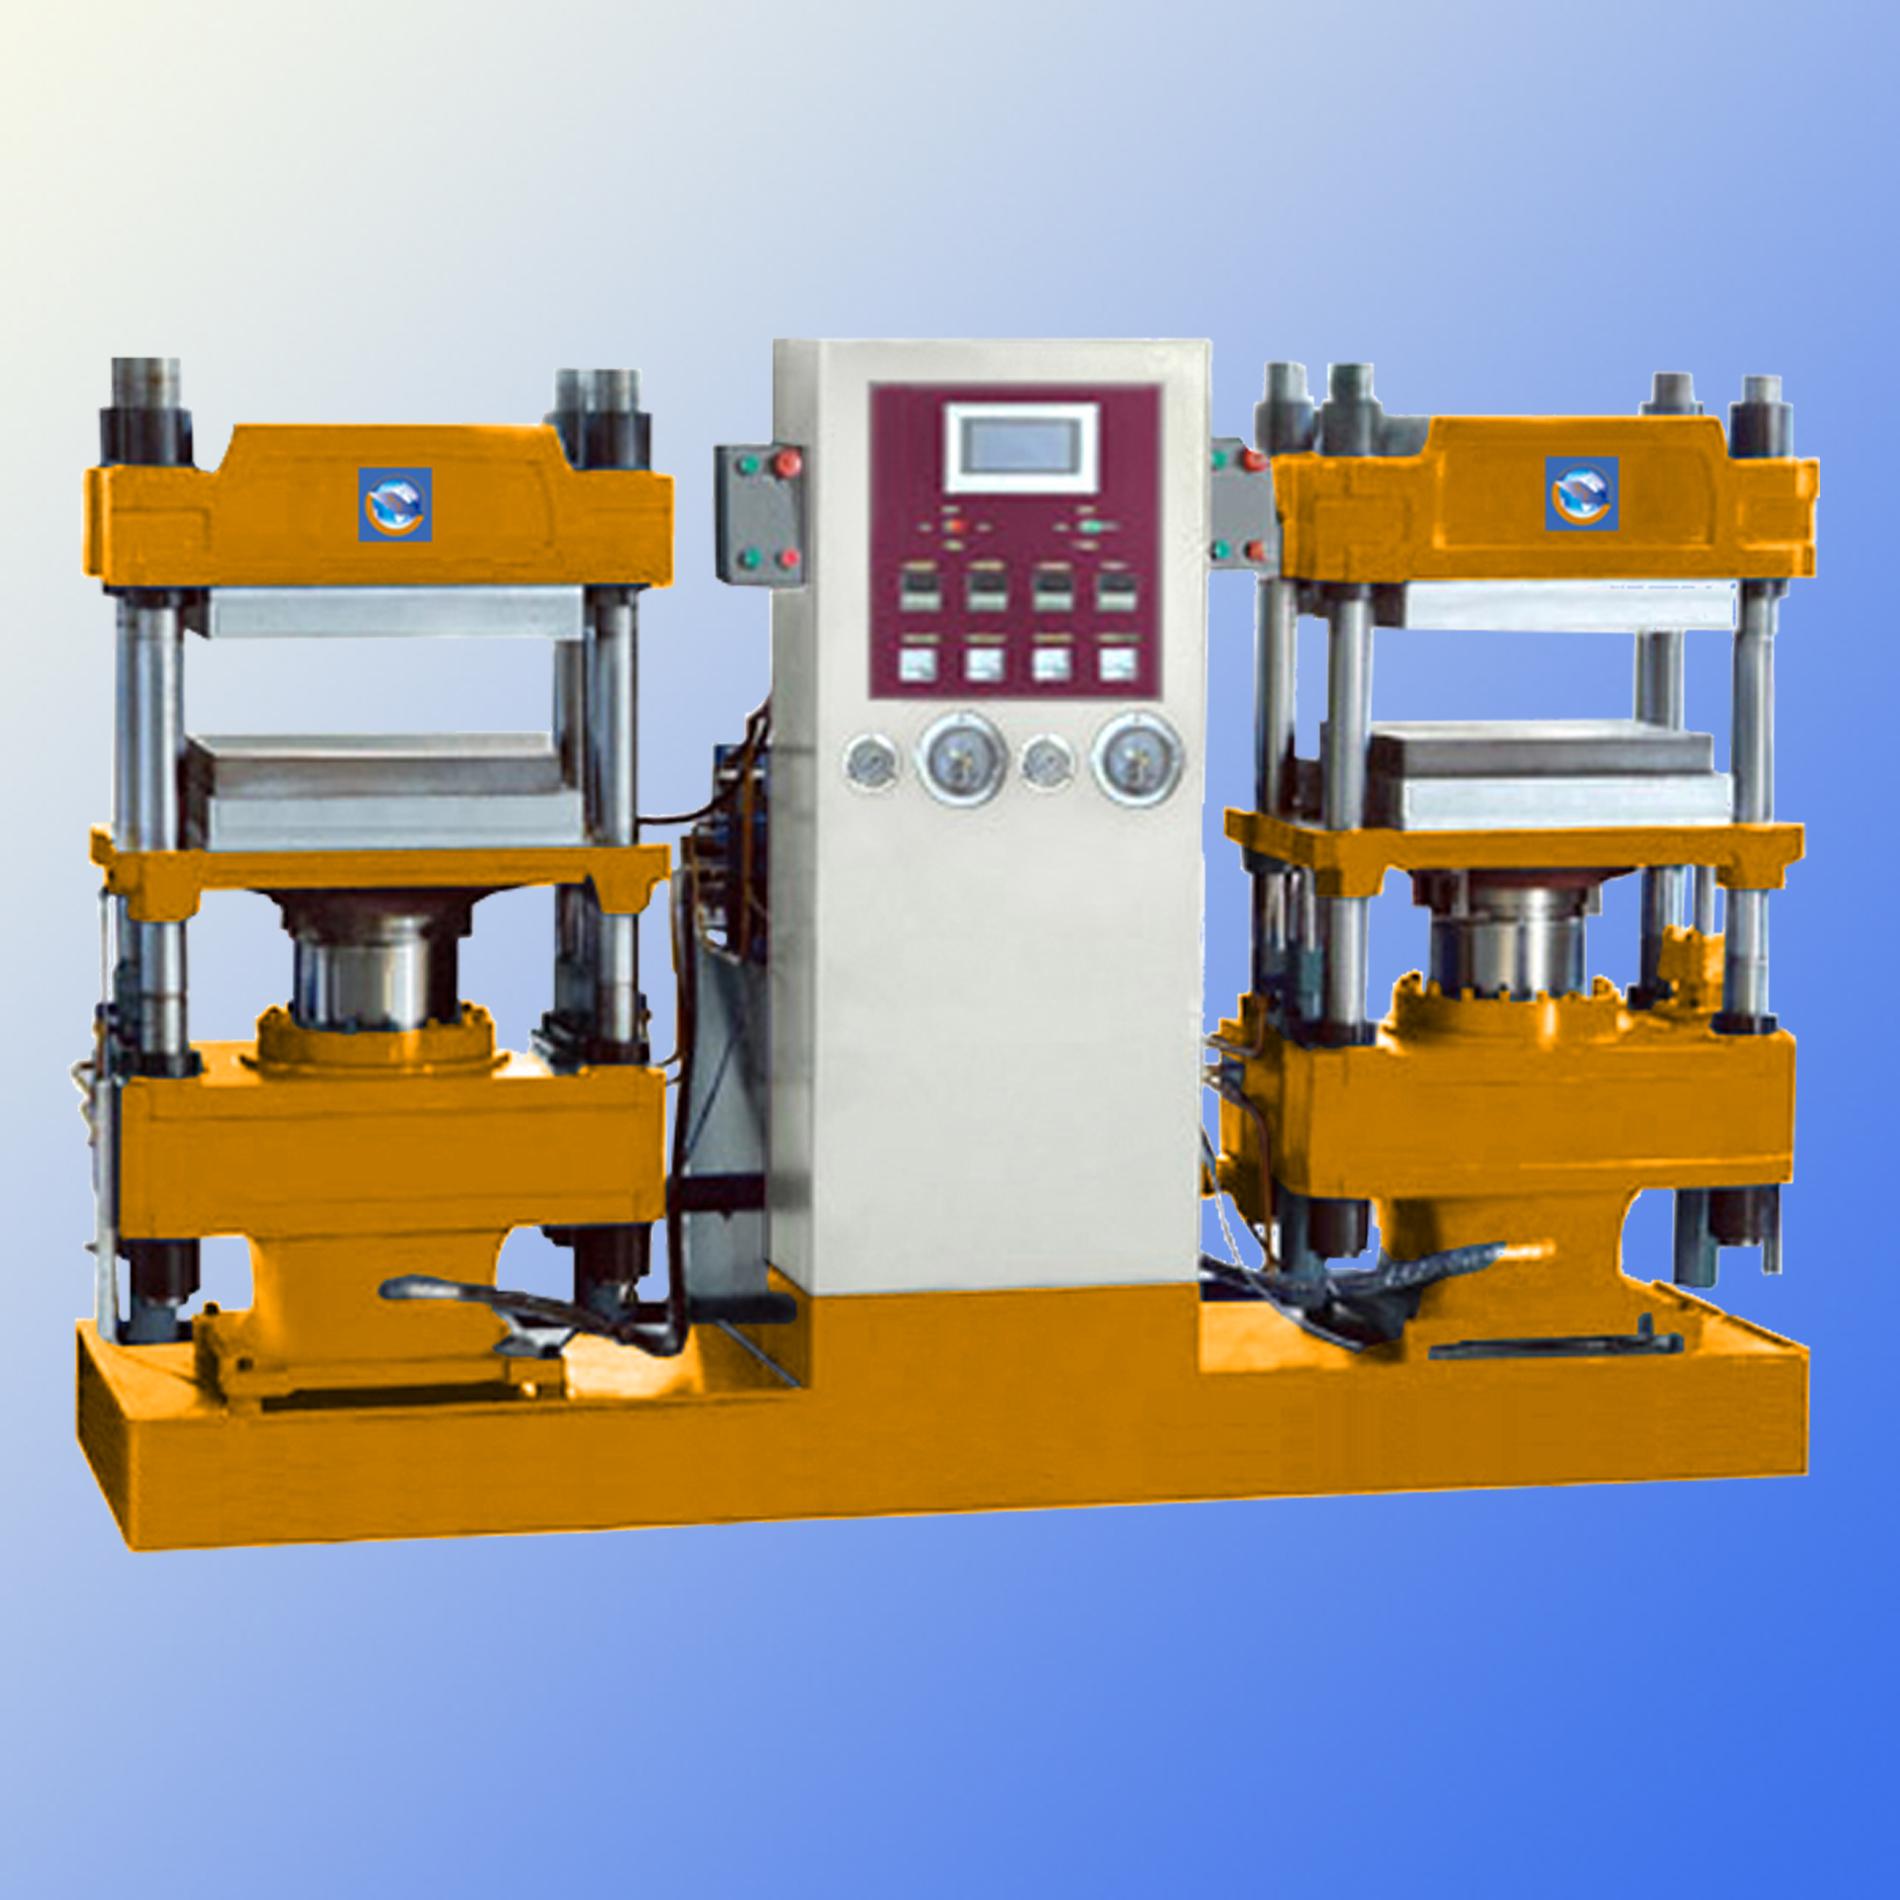 小型橡胶硫化机生产厂家_广东小型橡胶硫化机哪家好